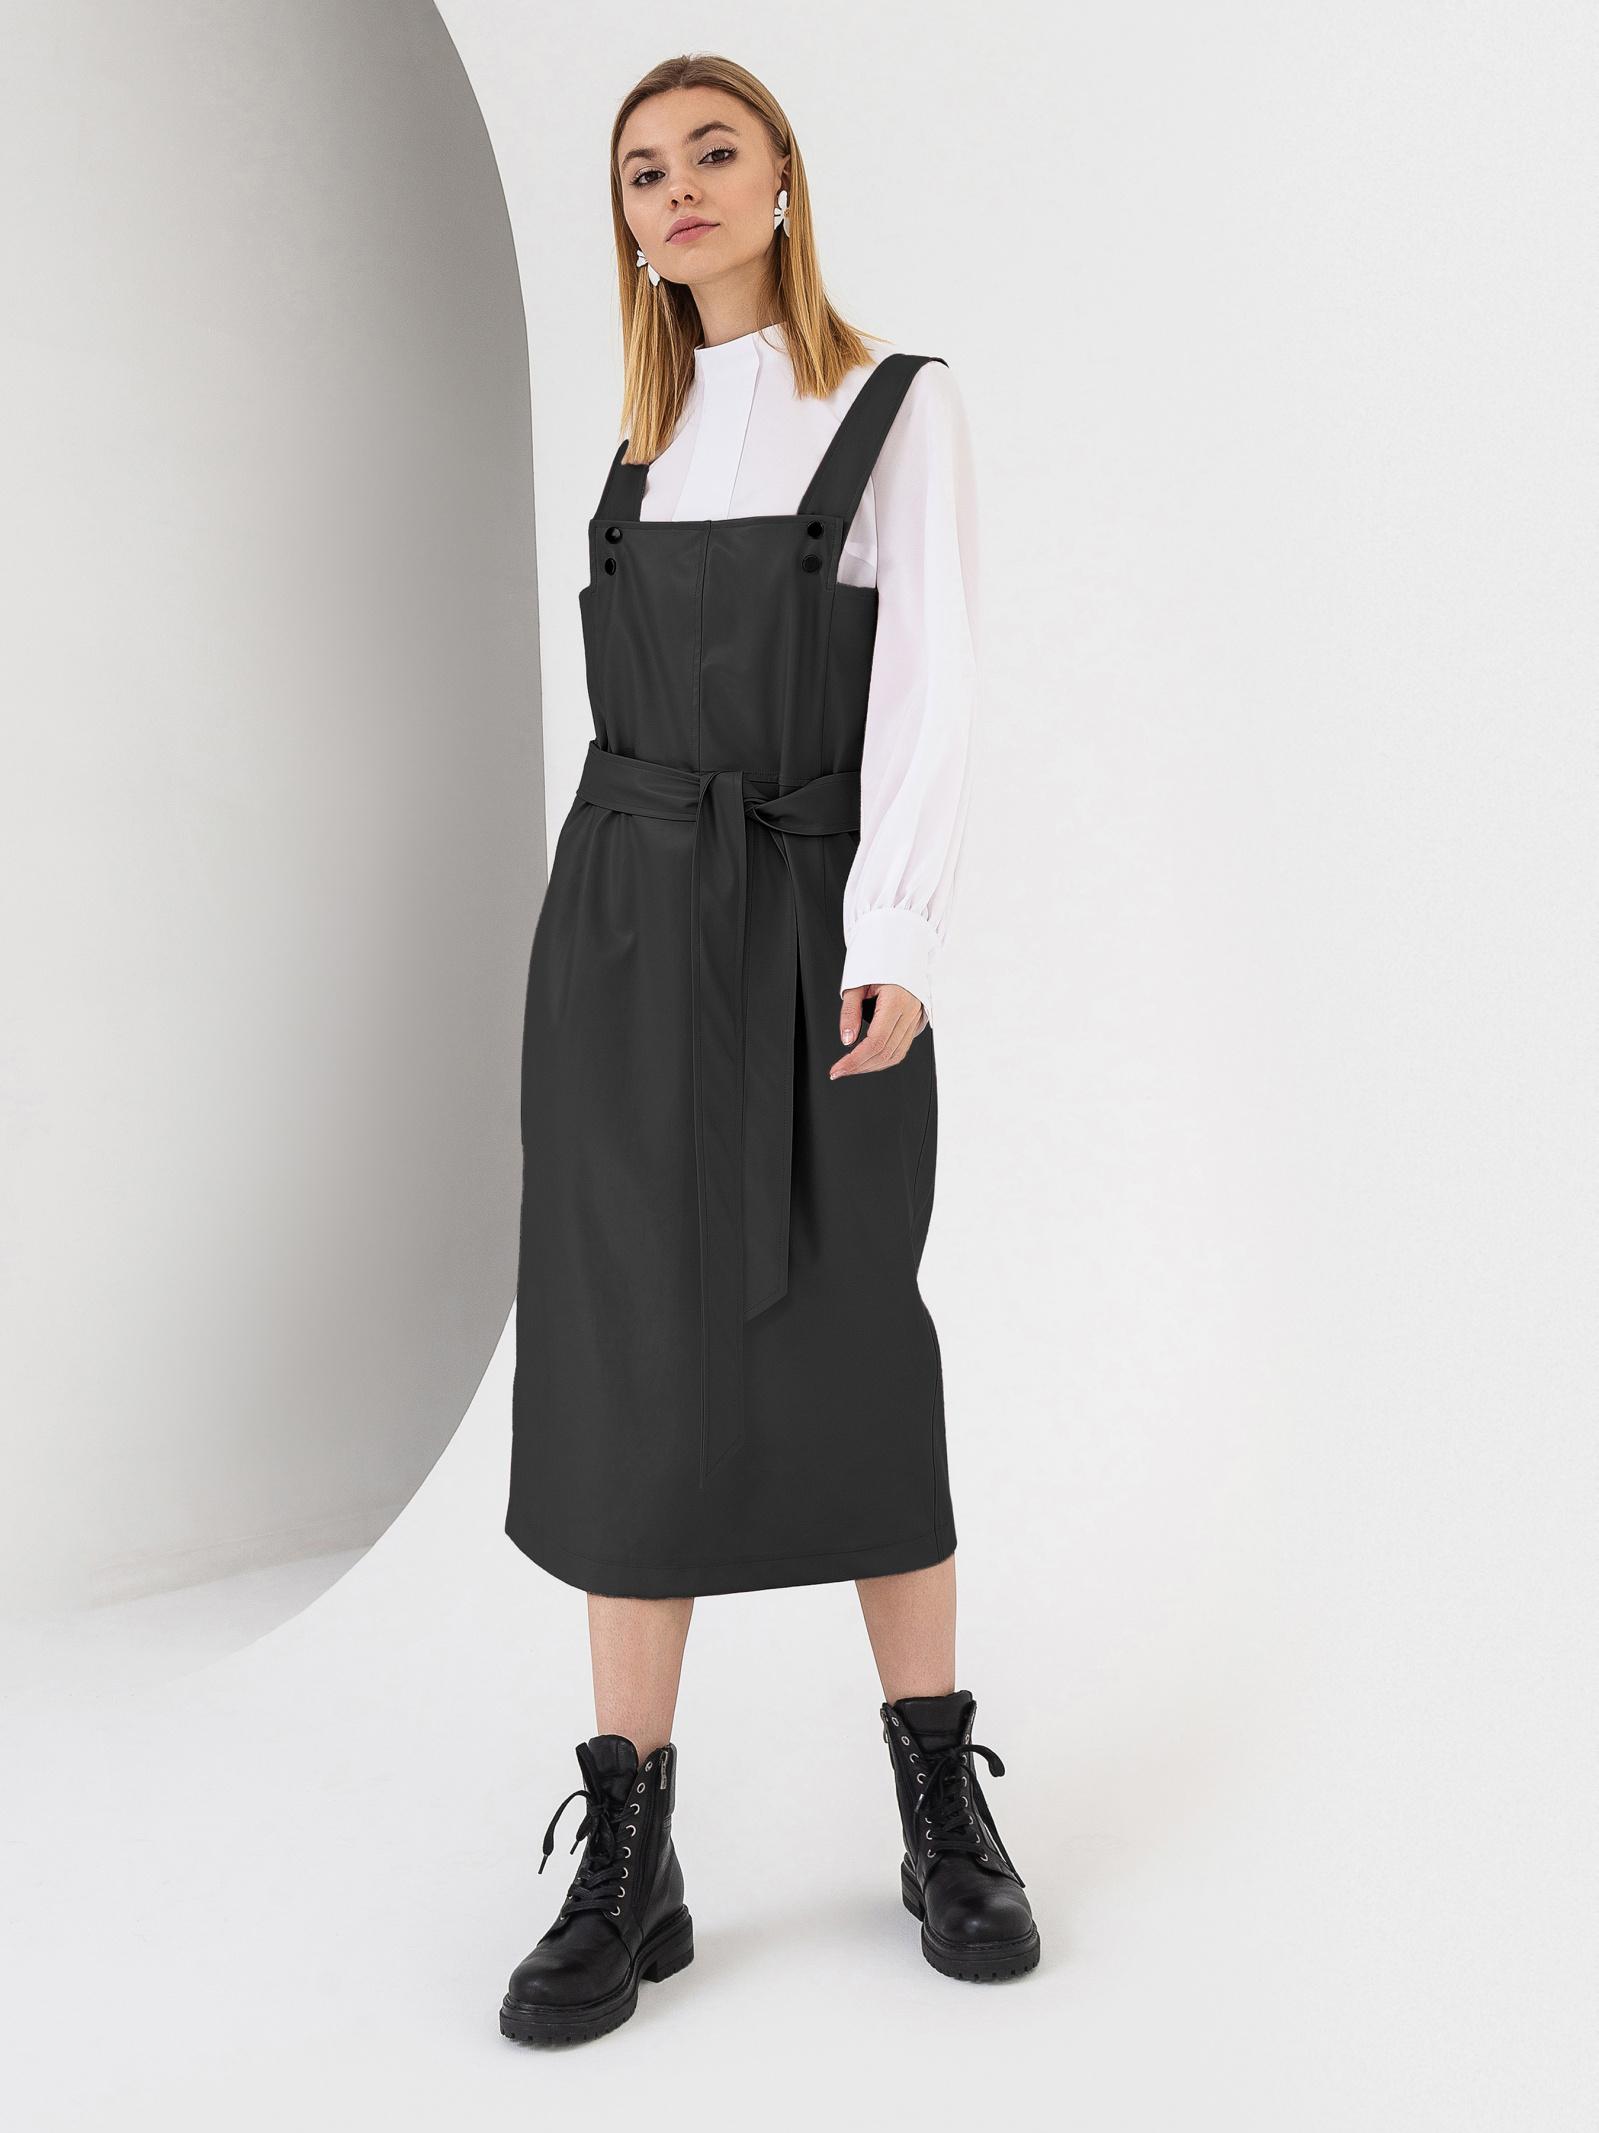 VOVK Сарафан жіночі модель 07495 чорний купити, 2017